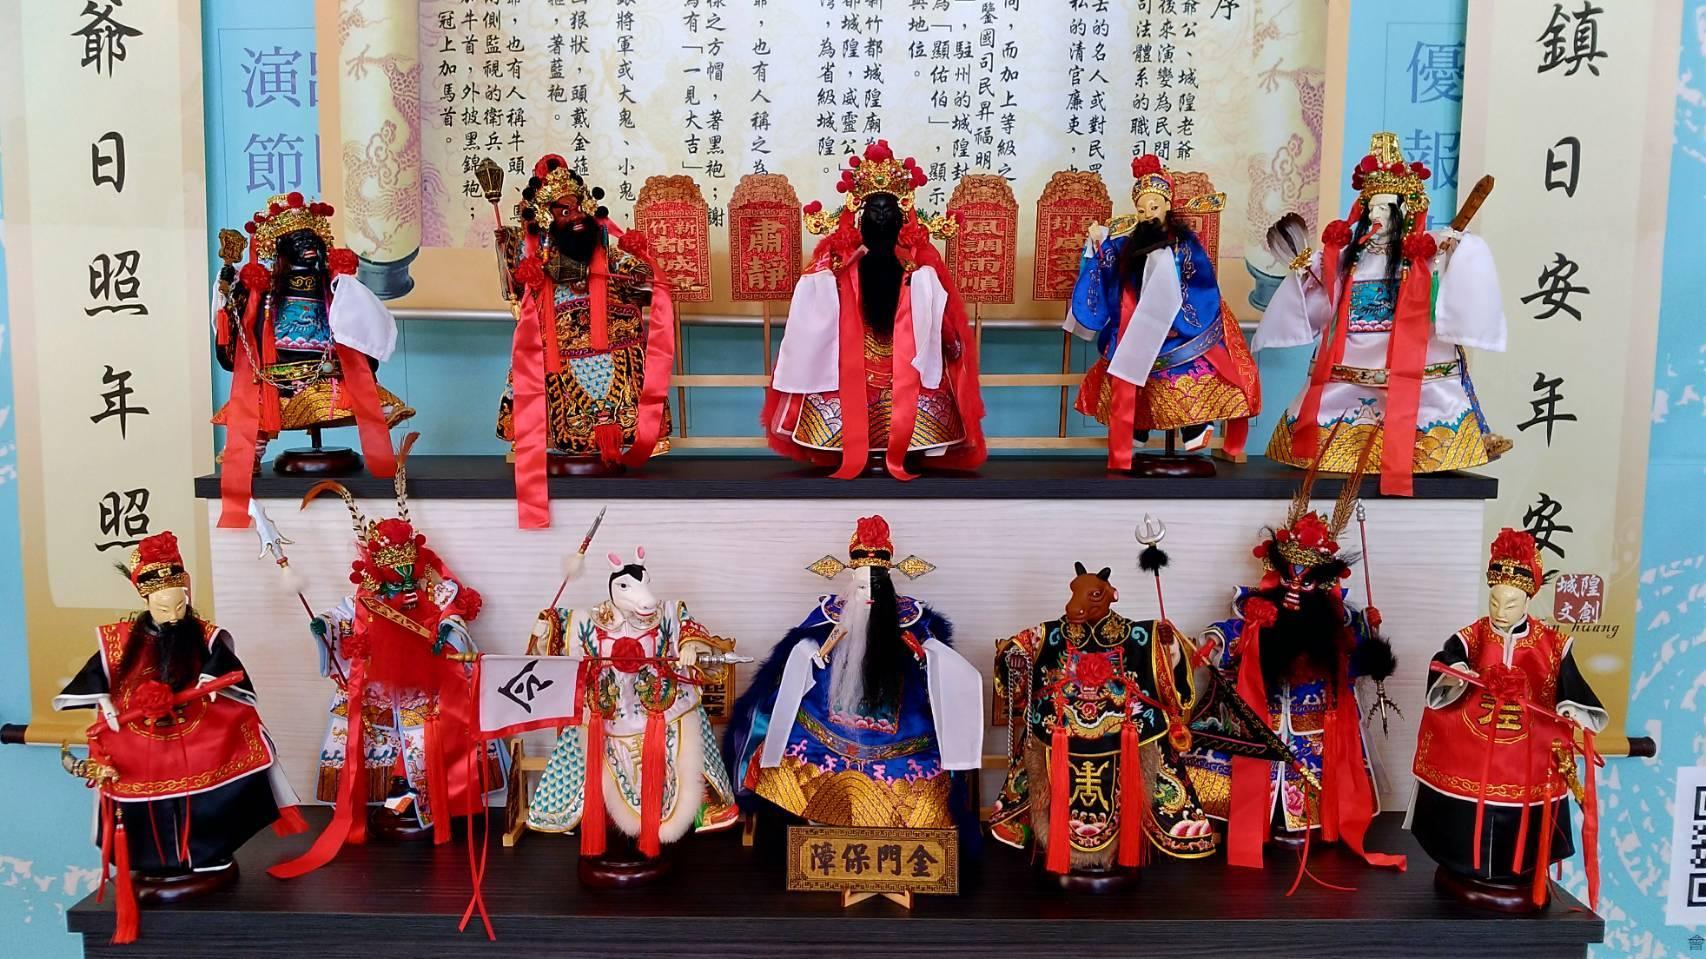 明曜獅子會文創藝展 展出珍貴布袋戲偶   偶戲藝術   傳統戲劇   大紀元